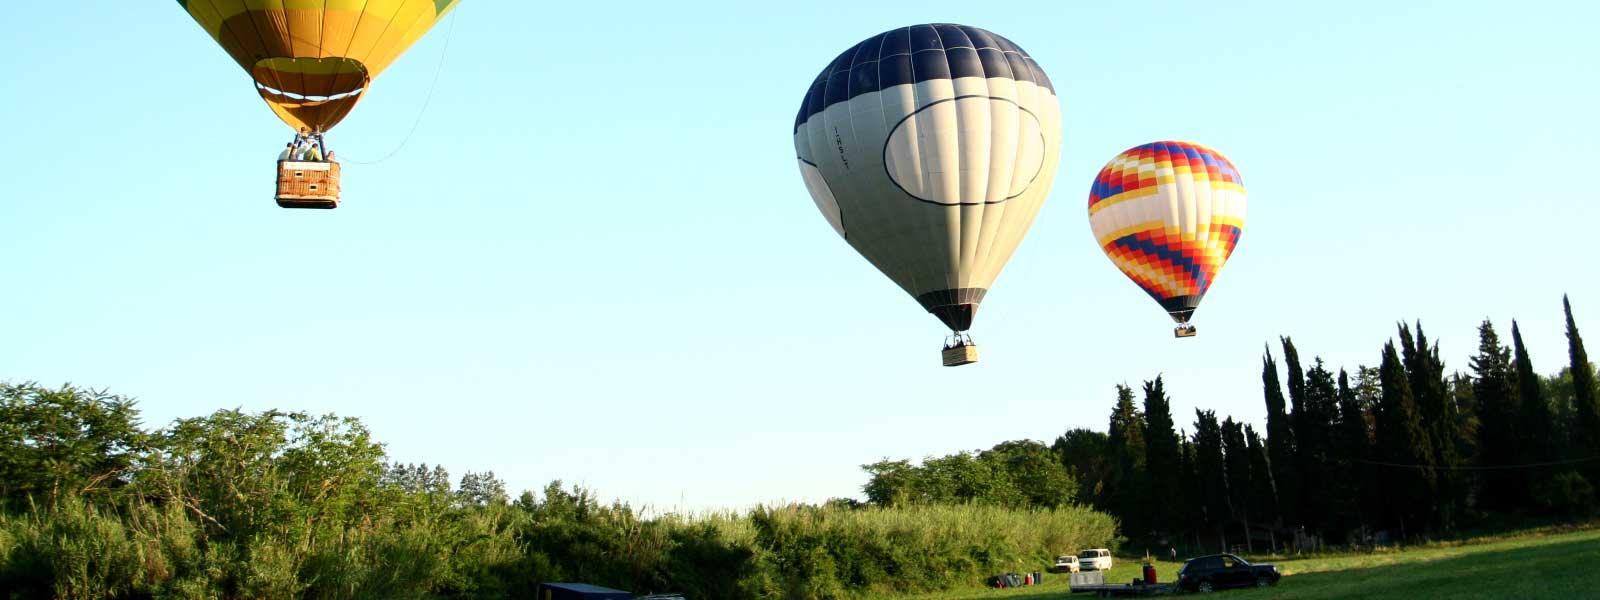 group-flight-balloon-takeoff